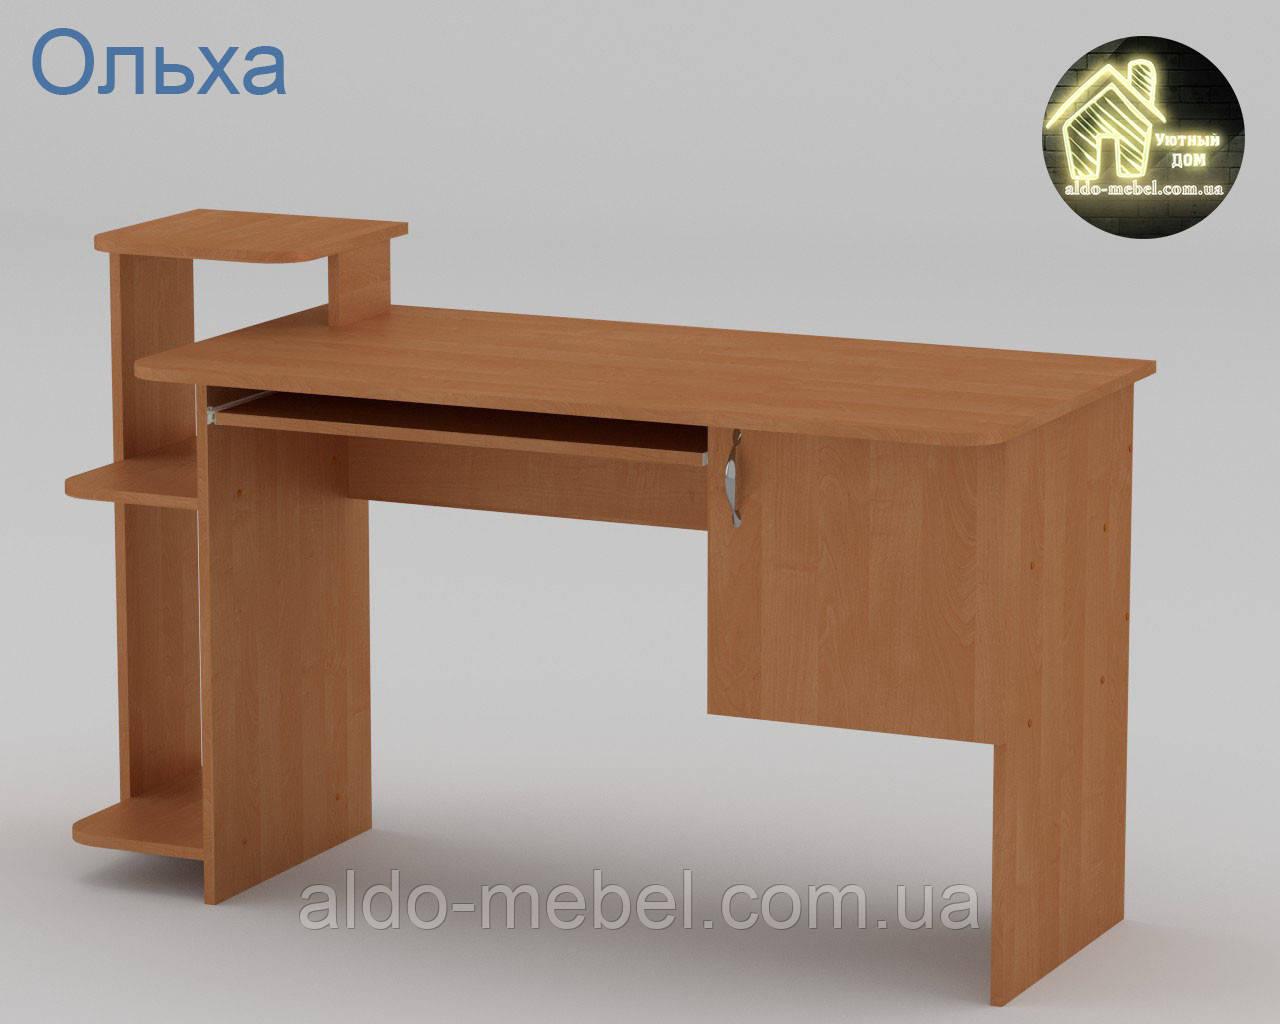 Стол компьютерный СКМ - 3 Габариты Ш - 1418 мм; В - 751 + 116 мм; Г - 600 (Компанит)